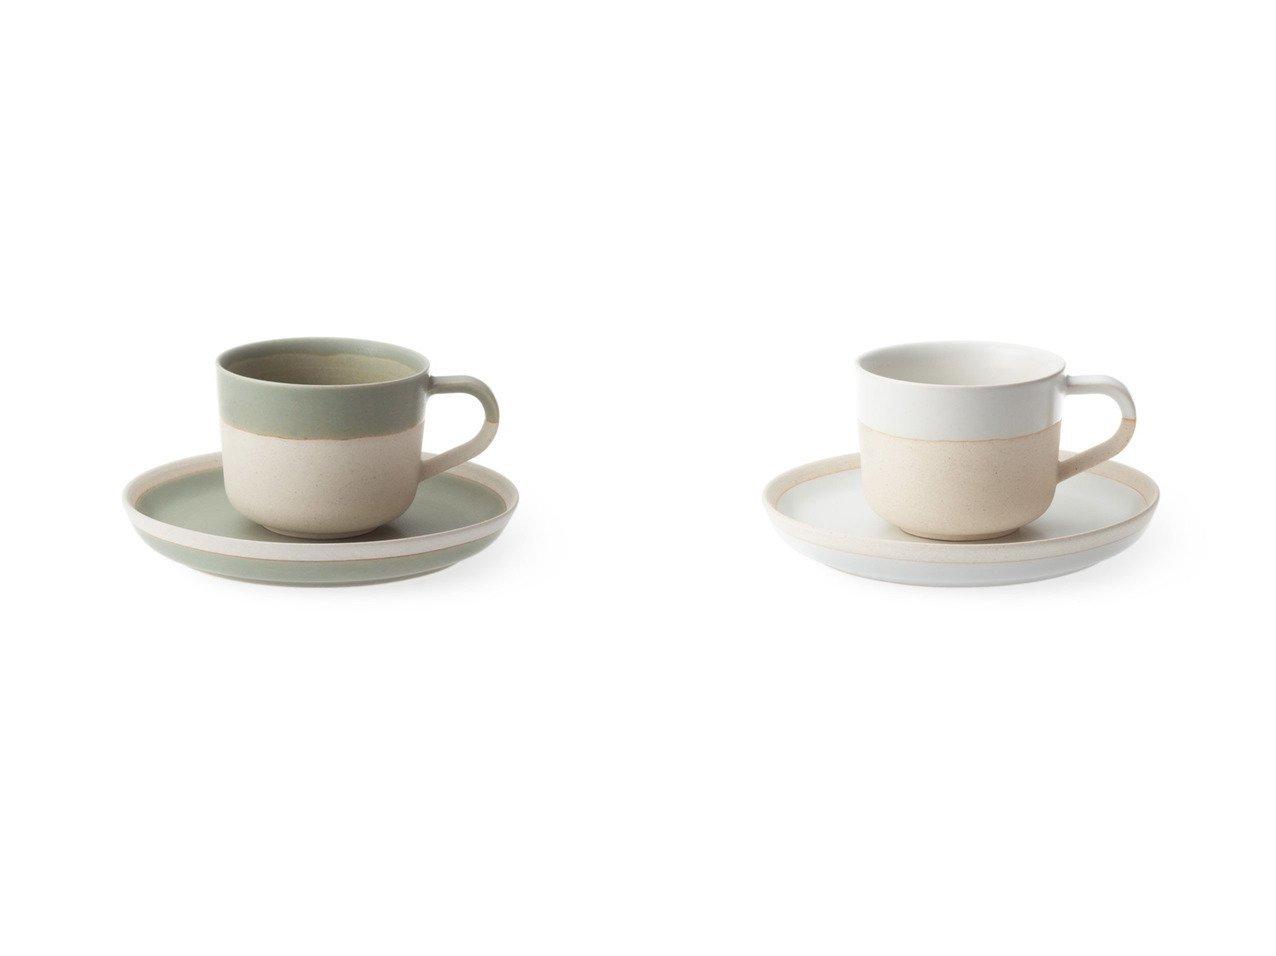 【hiiro/ヒイロ】のKumo Cup & くも カップ&ソーサー&Sora Cup & そら カップ&ソーサー 【テーブルウェア・食器 お家時間】おすすめ!人気、インテリア雑貨・家具の通販 おすすめで人気の流行・トレンド、ファッションの通販商品 インテリア・家具・メンズファッション・キッズファッション・レディースファッション・服の通販 founy(ファニー) https://founy.com/ テーブル |ID:crp329100000054234